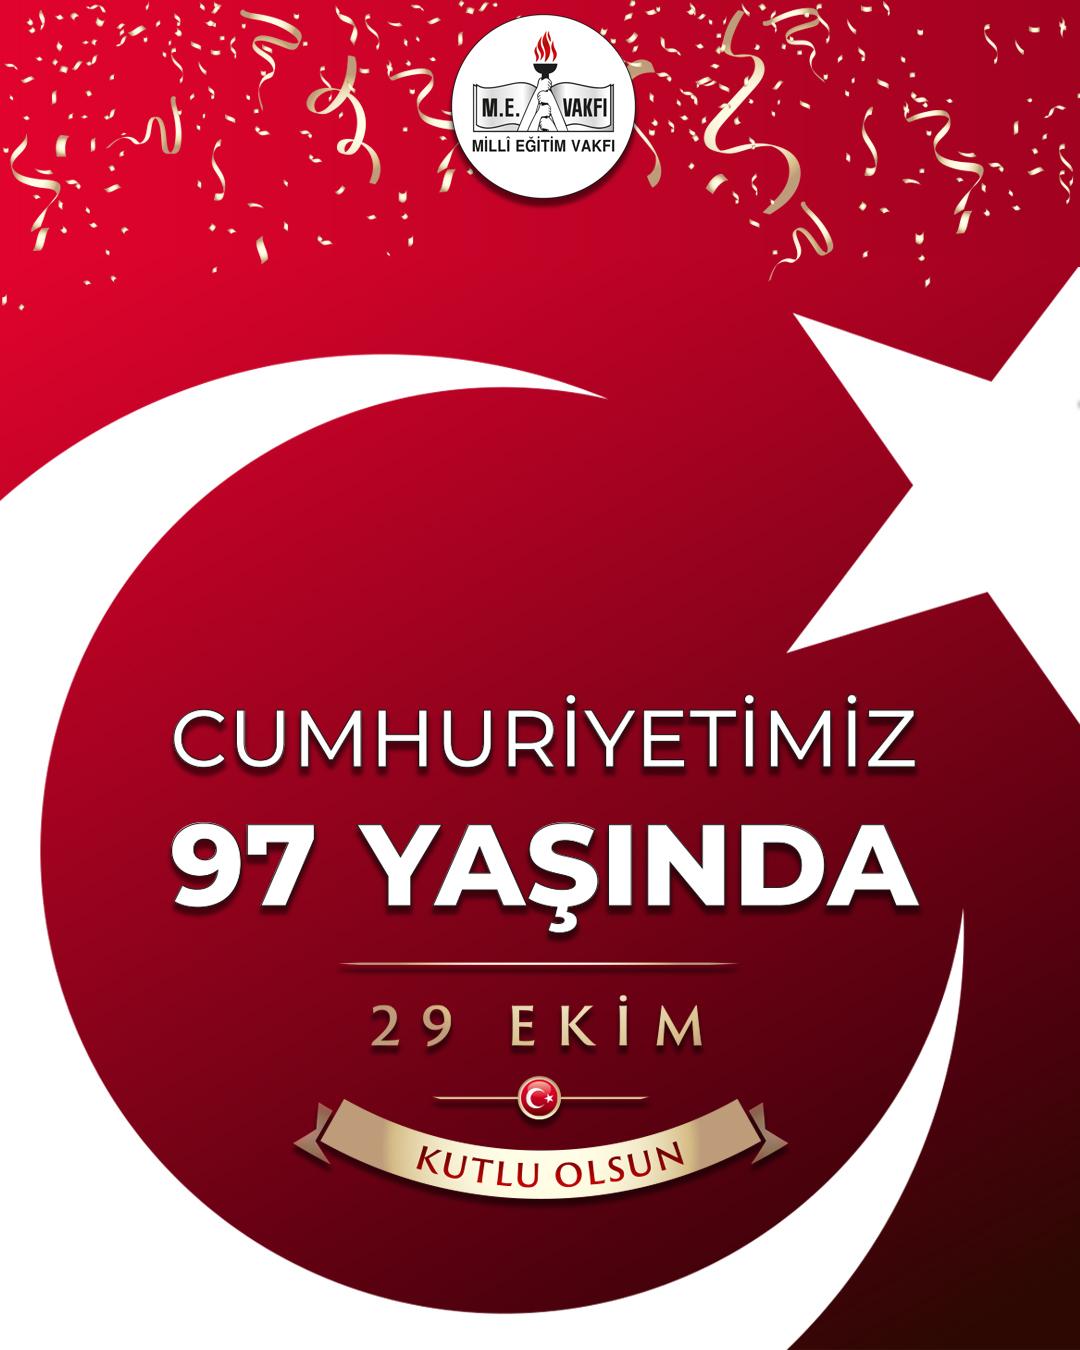 Milli Eğitim Vakfı Yönetim Kurulu Başkanı Prof. Dr. Mustafa Safran'ın 29 Ekim Cumhuriyet Bayramı Kutlama Mesajı